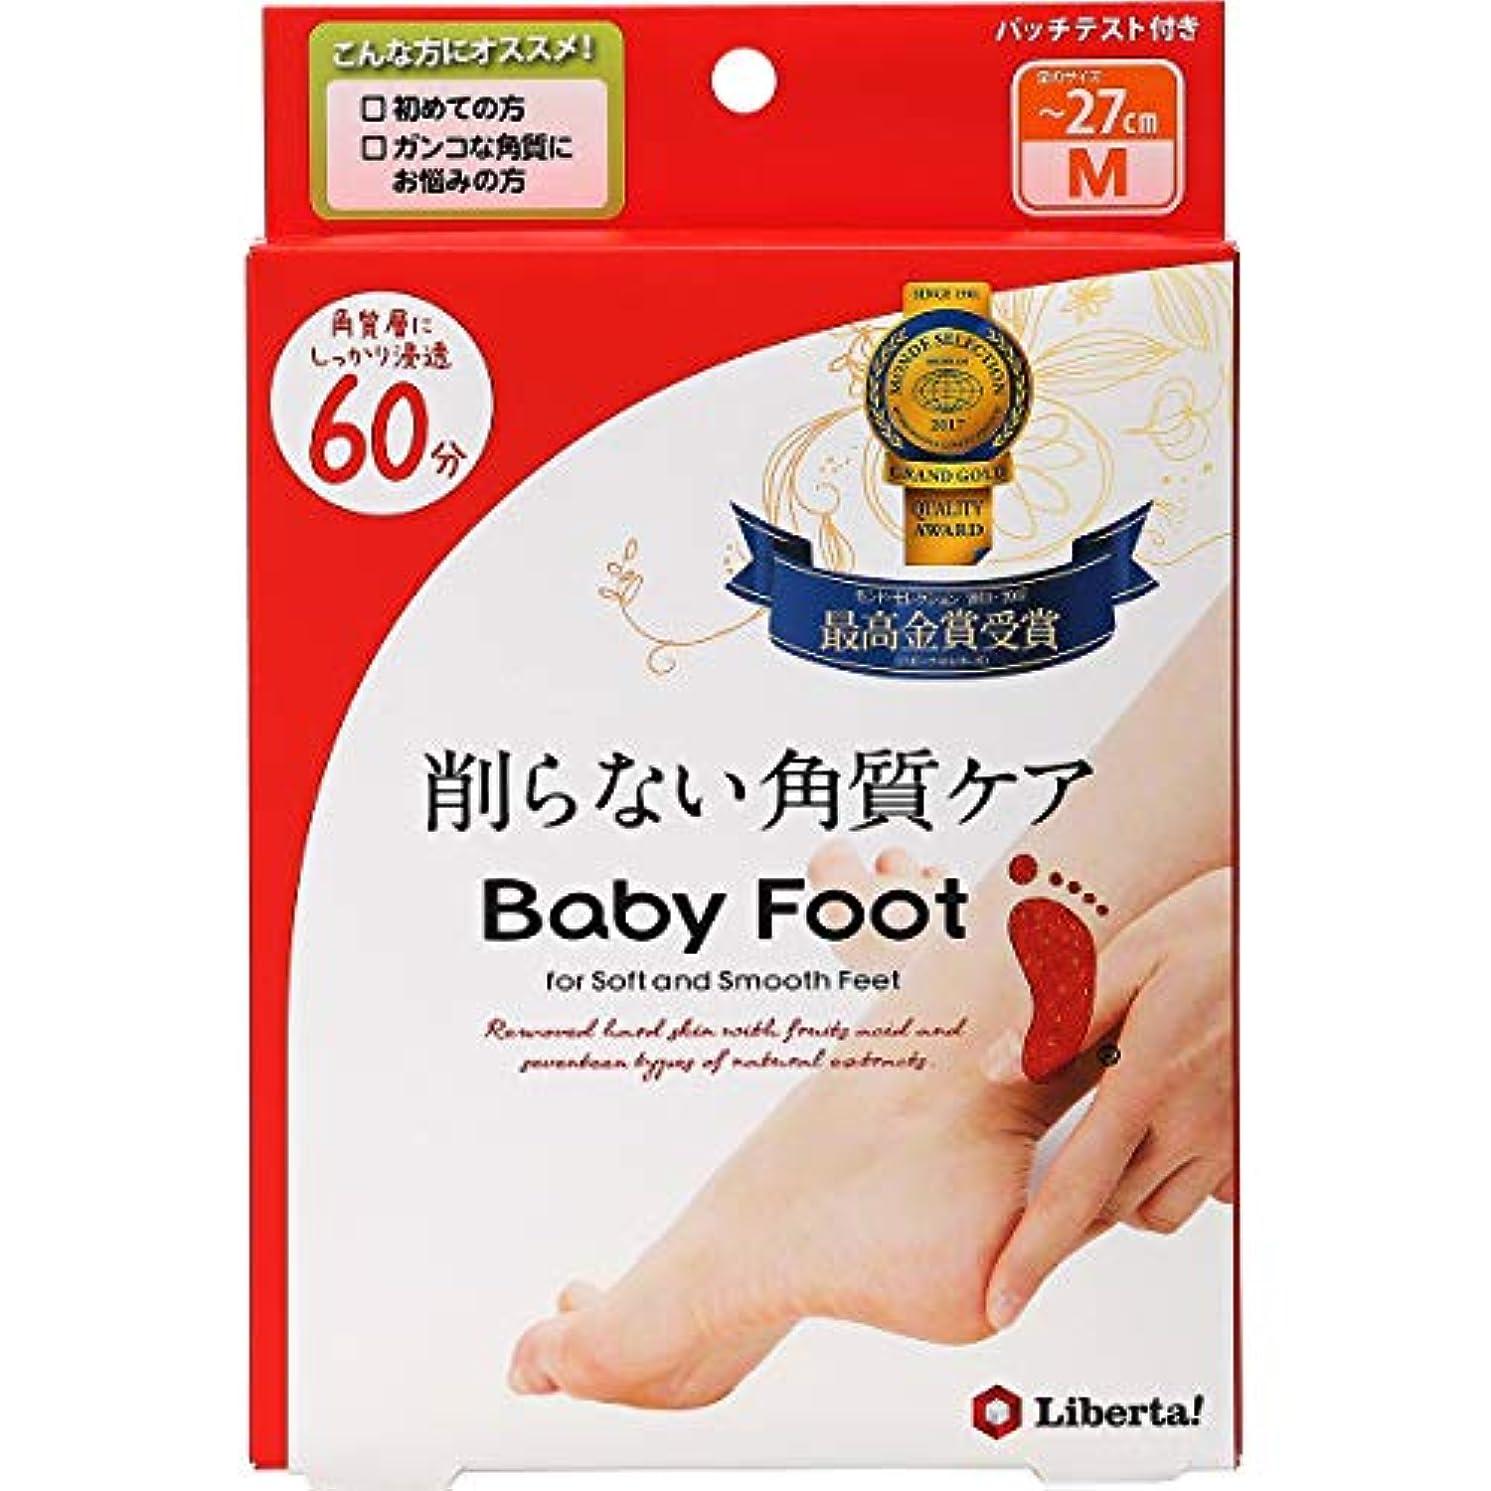 回転するバスケットボールとティームベビーフット (Baby Foot) ベビーフット イージーパック SPT60分タイプ Mサイズ 単品